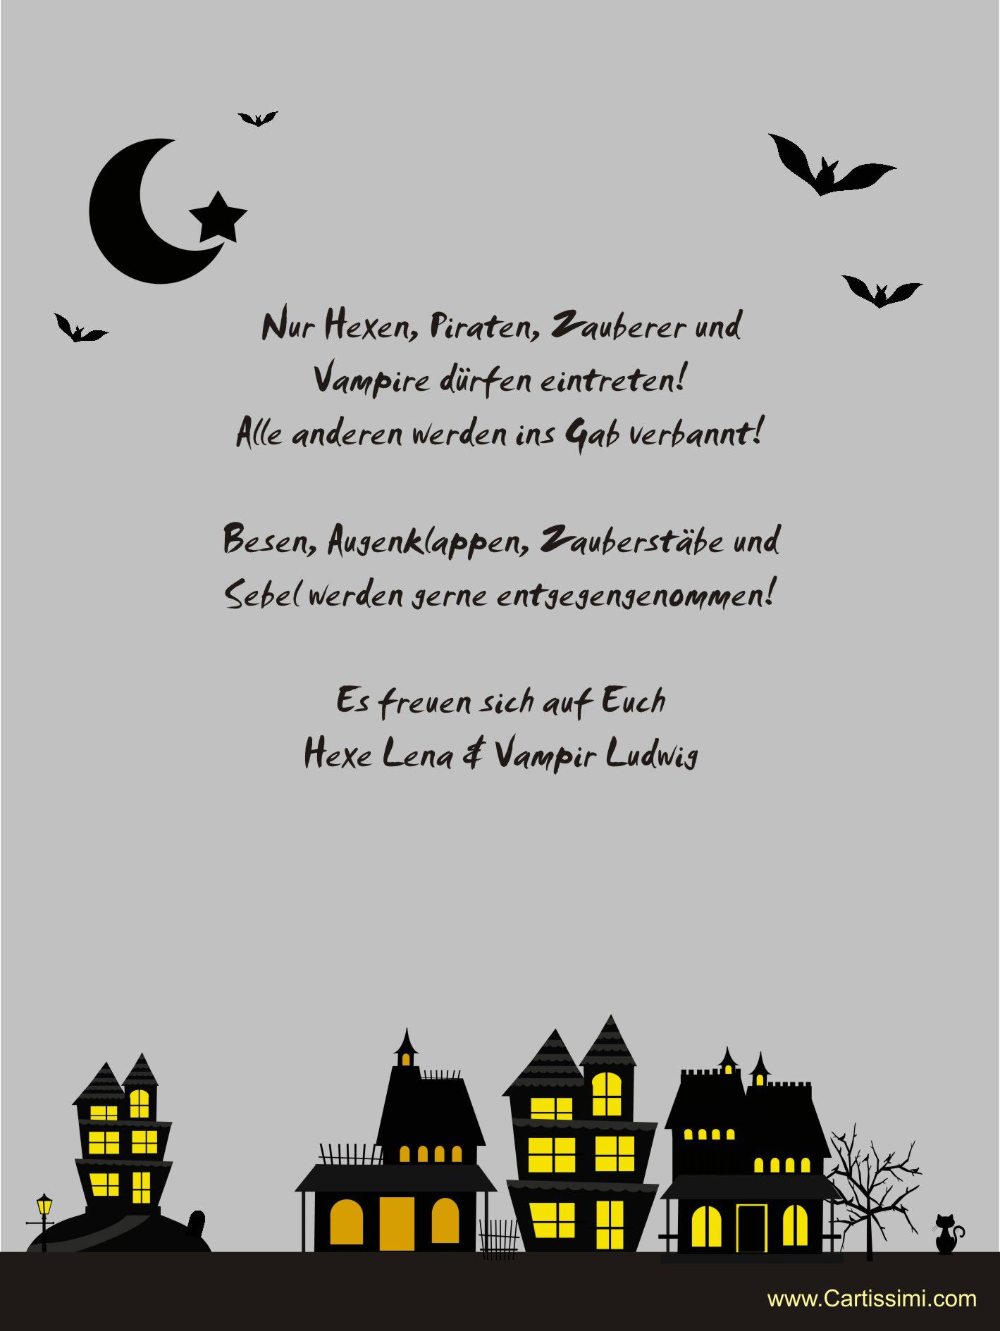 Halloween Einladungskarten Kurbis Einladung Zum Paradies Companylogo Logos Halloweenparty Pos Halloween Einladung Text Halloween Einladung Party Einladung